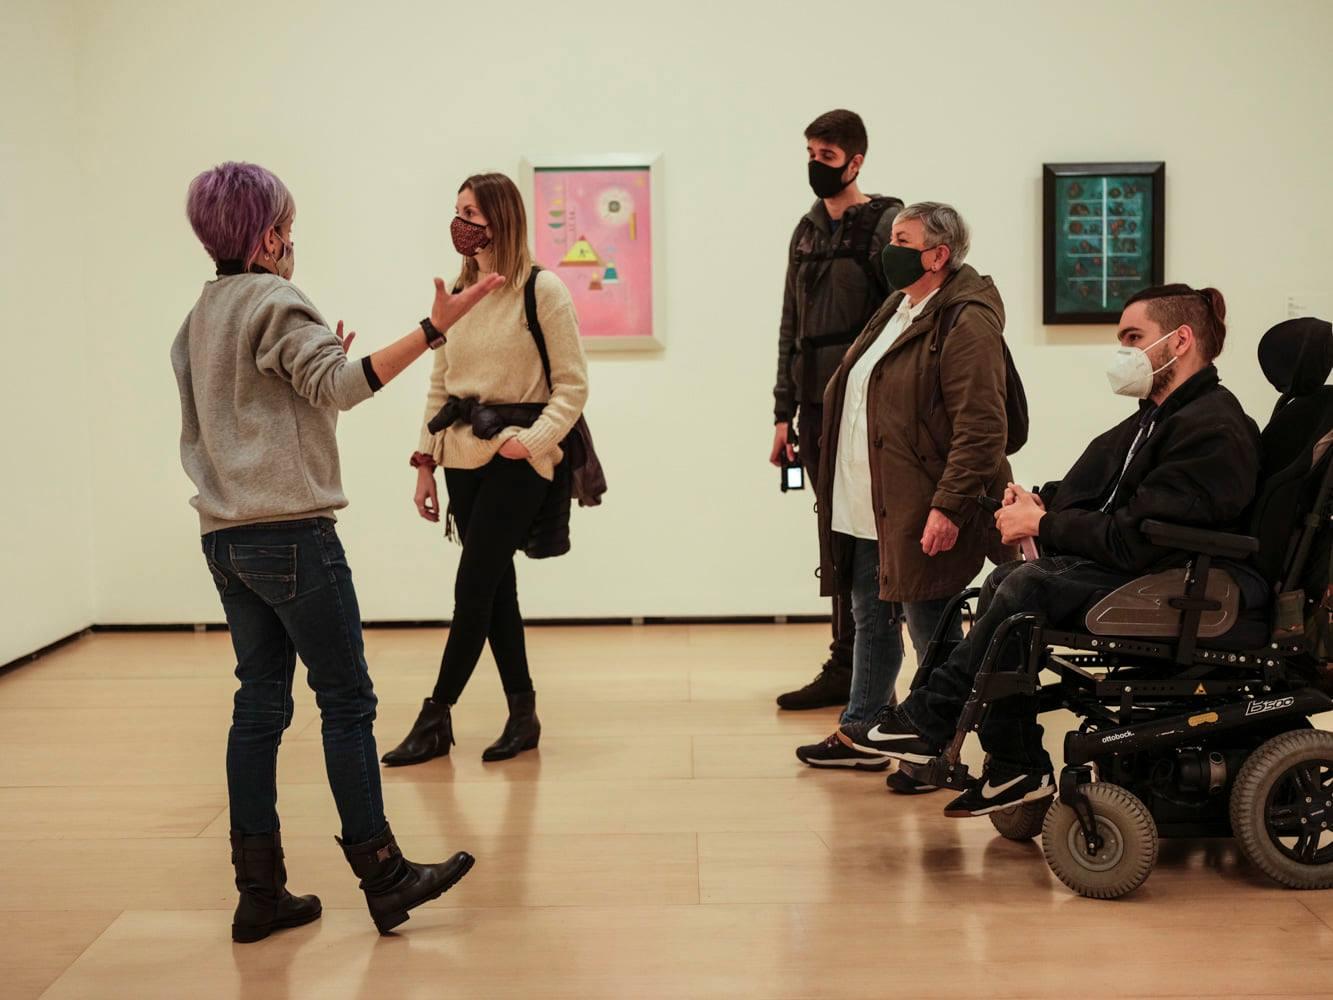 Blackkamera visita la exposición de Kandinsky en el Guggenheim.